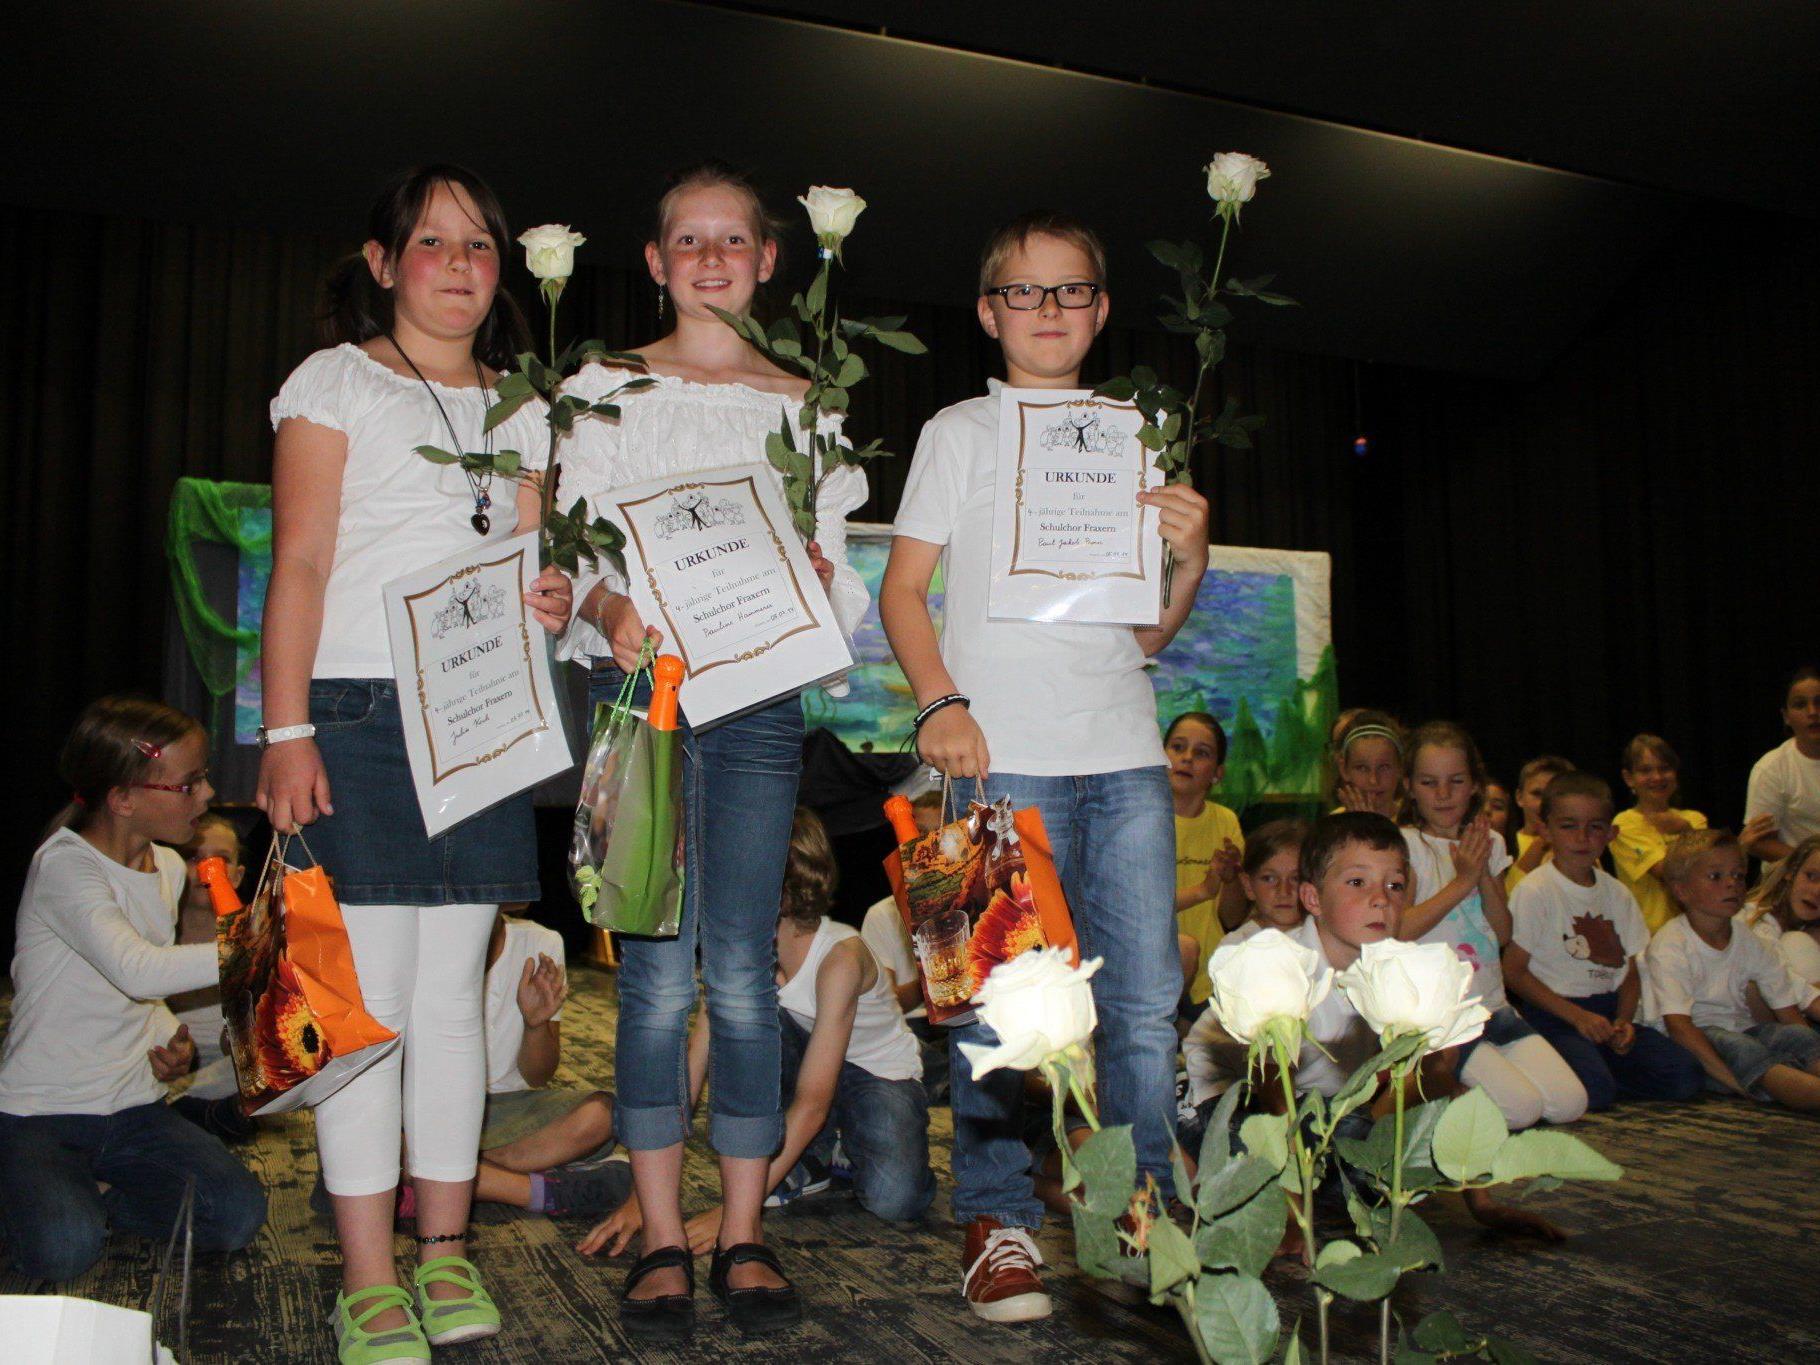 v.li. Julia Koch, Pauline Hammerer und Paul Prenn haben die Volksschule Fraxern abgeschlossen und wurden reich beschenkt und mit Glückwünschen verabschiedet.